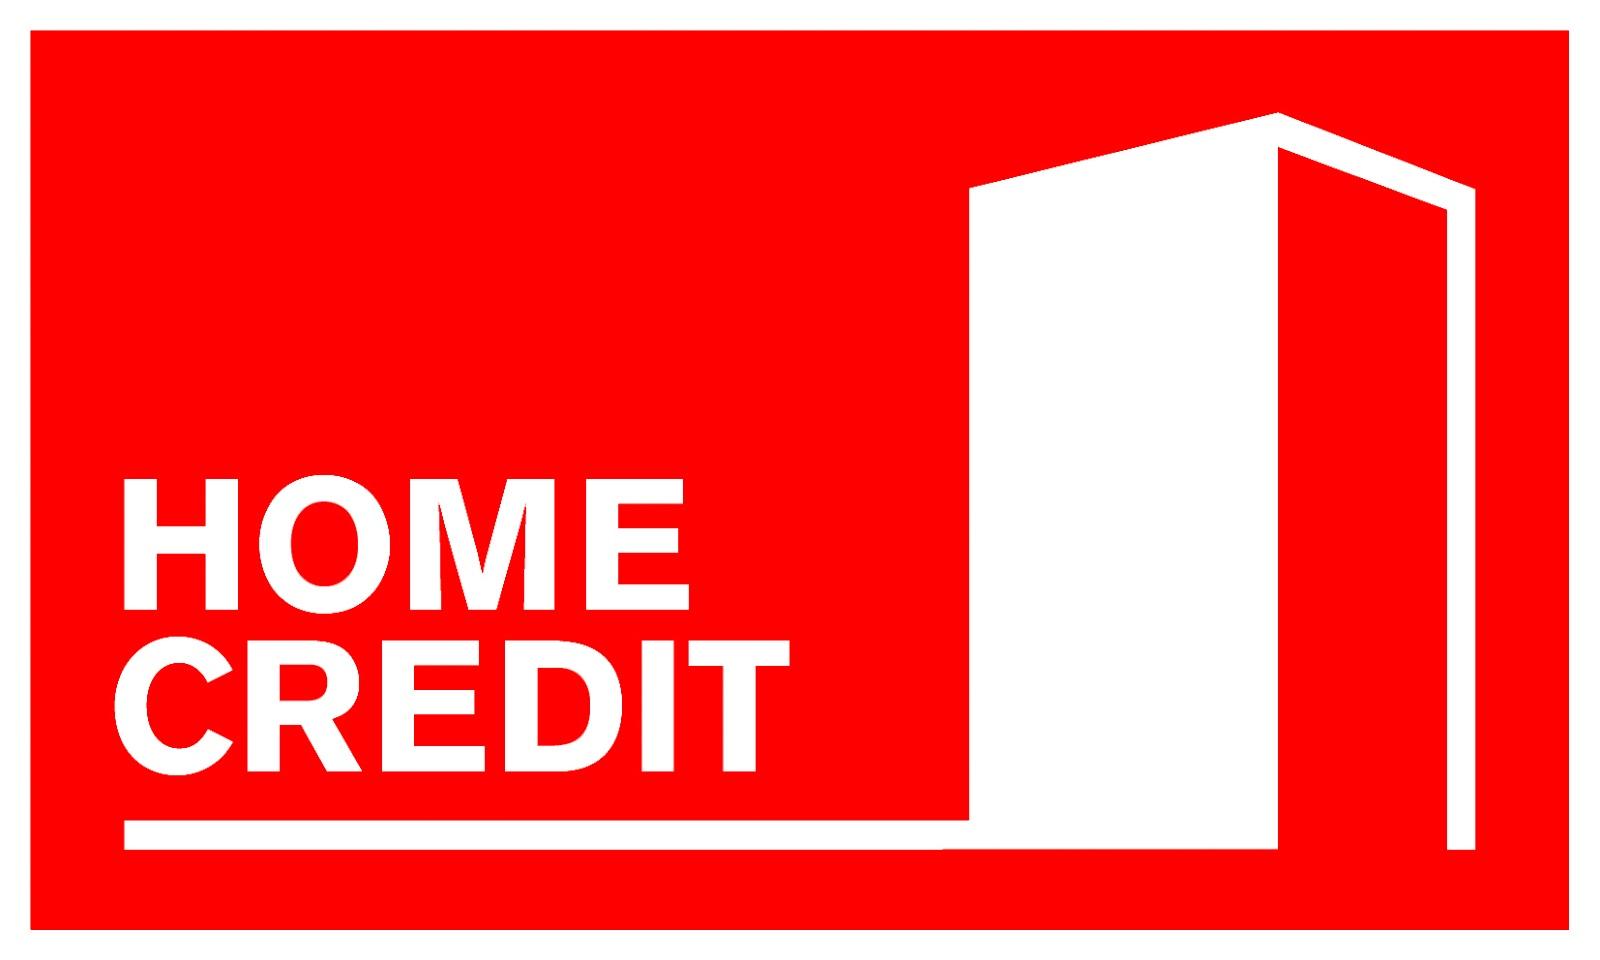 Home Credit Bank - customer reviews